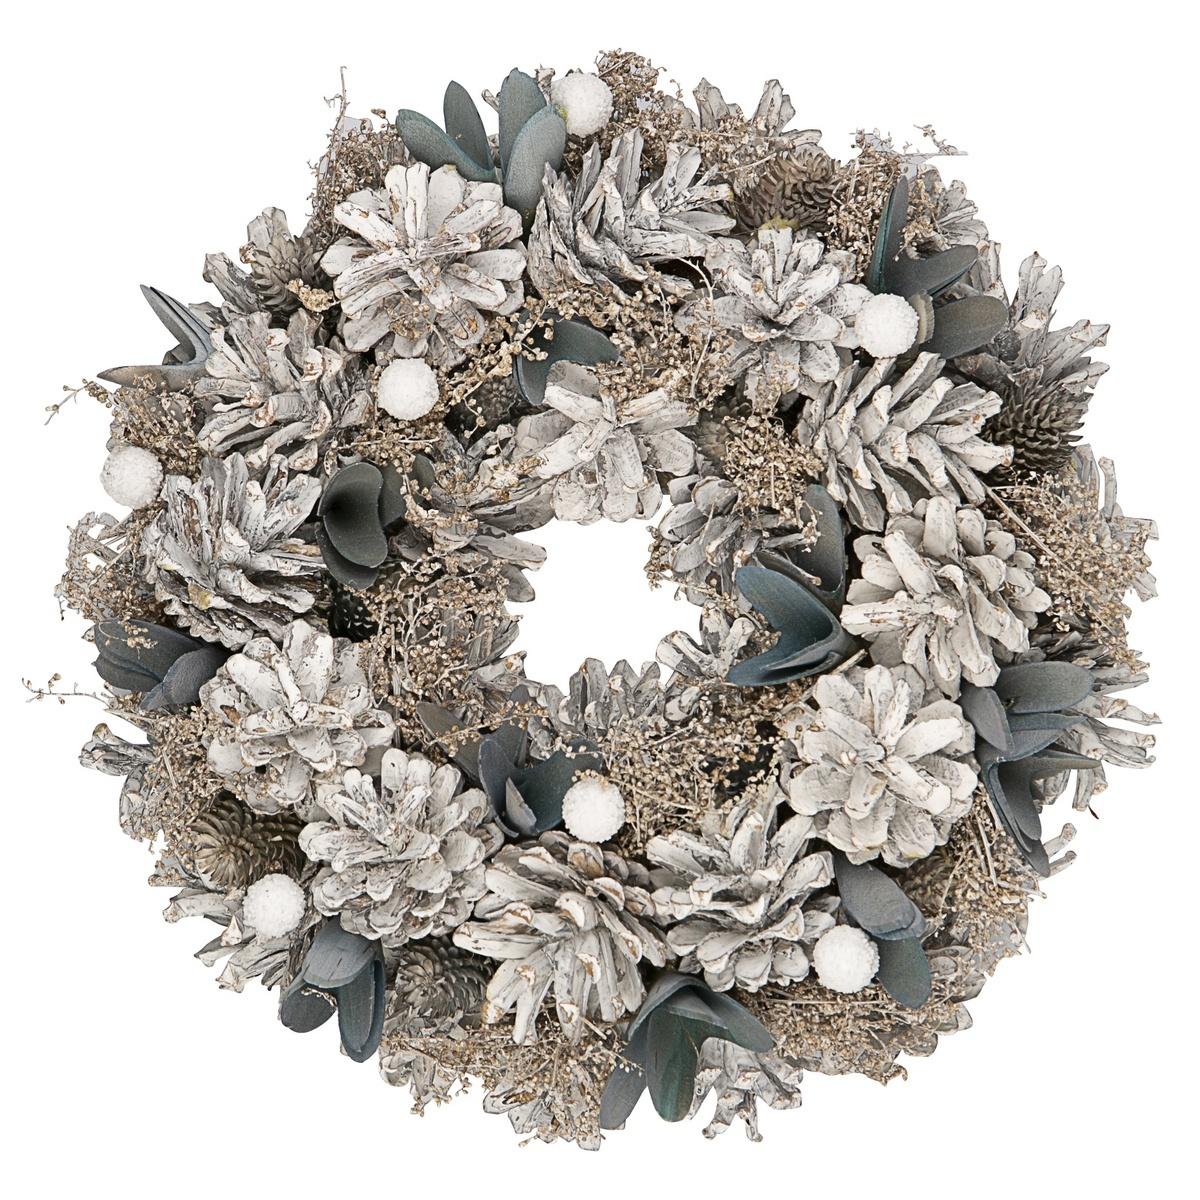 Altom Vánoční věnec Luxury 25 cm, bílá